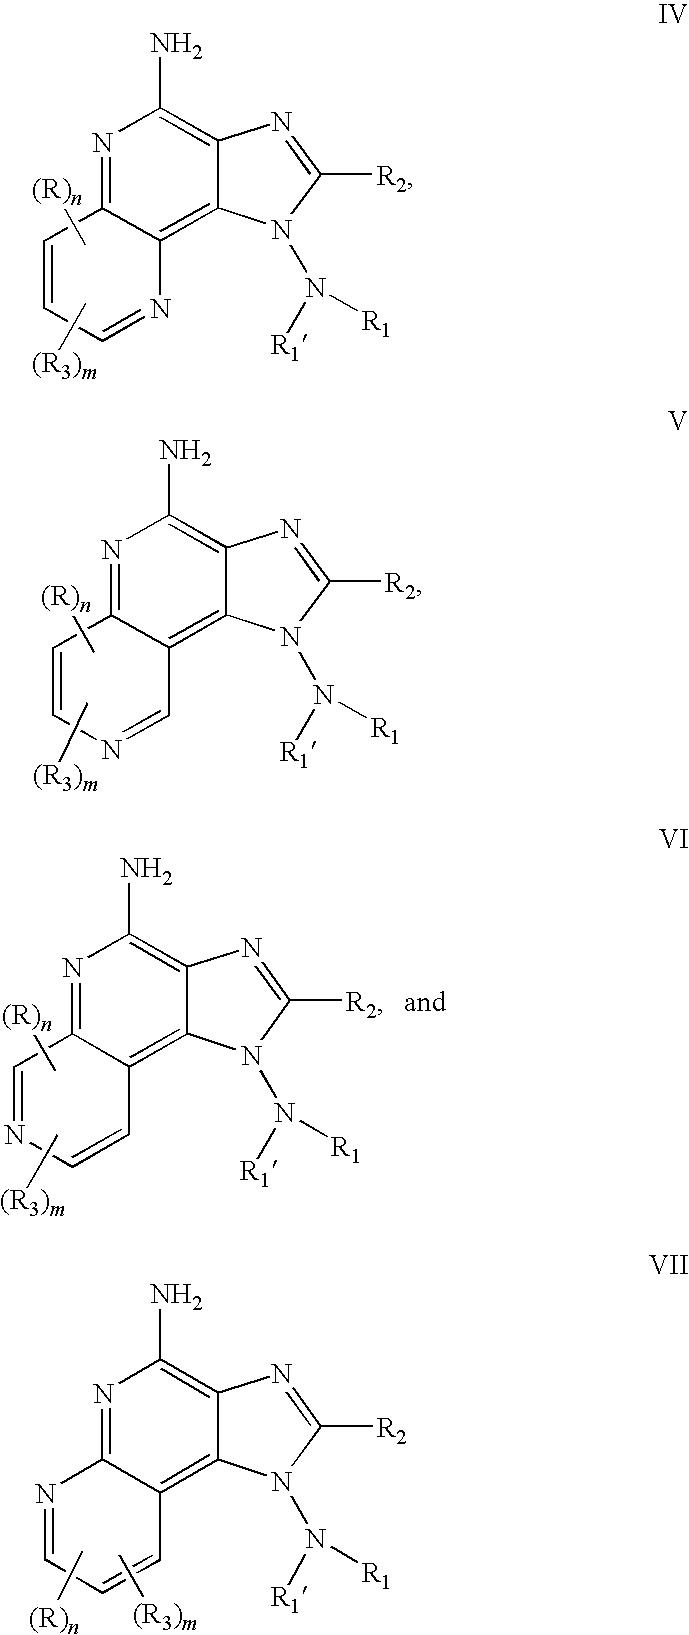 Figure US20090270443A1-20091029-C00024